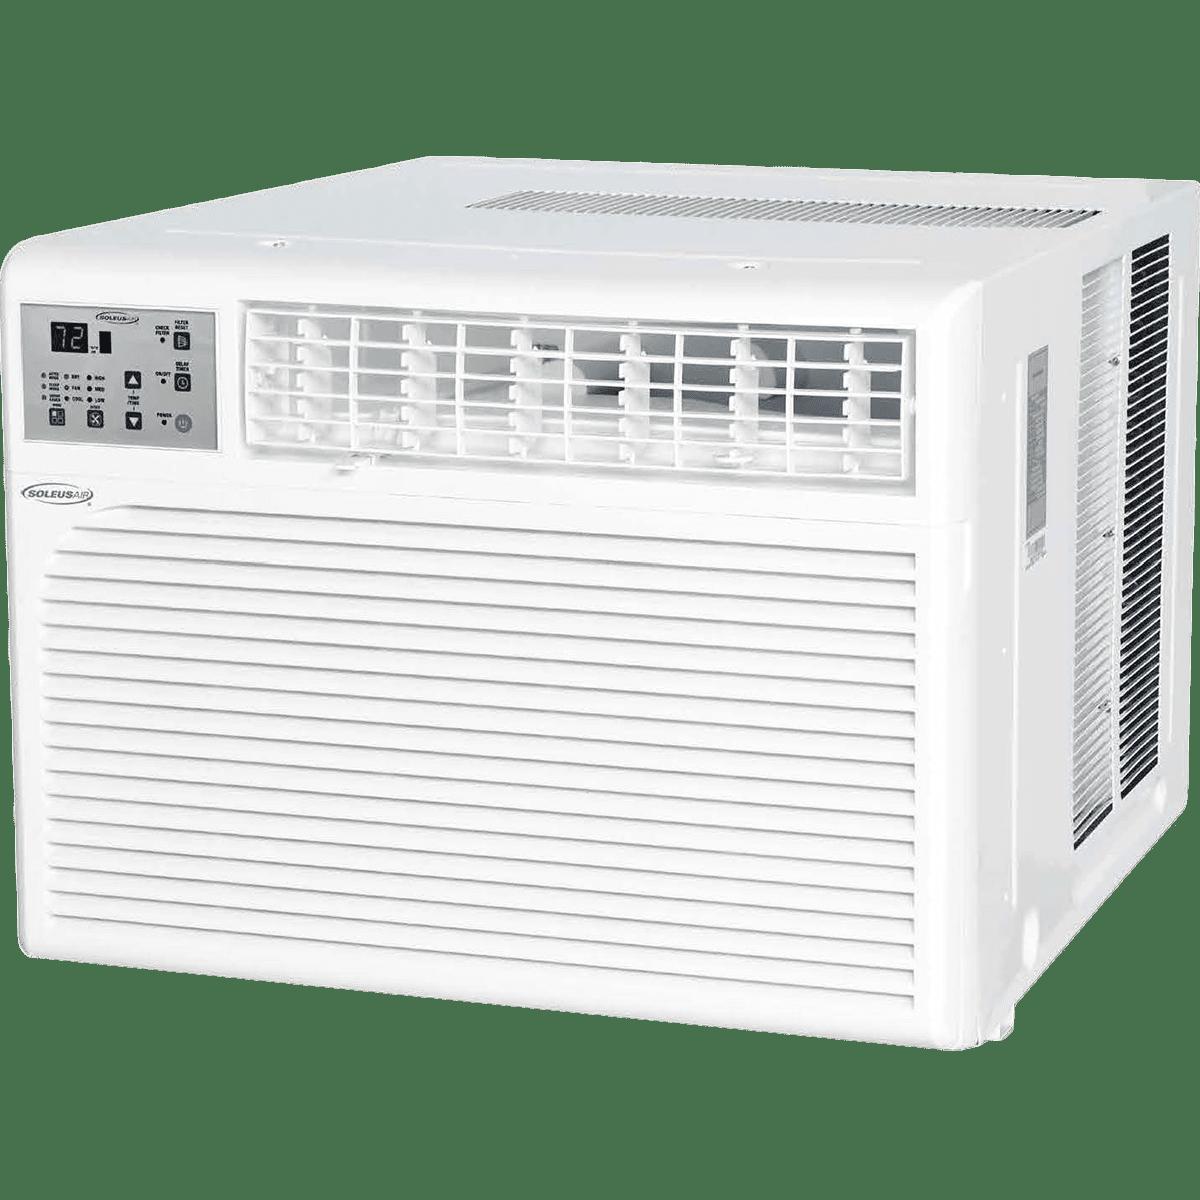 Soleus Air 12,600 BTU Window Air Conditioner (WS1-12E-01) so6390